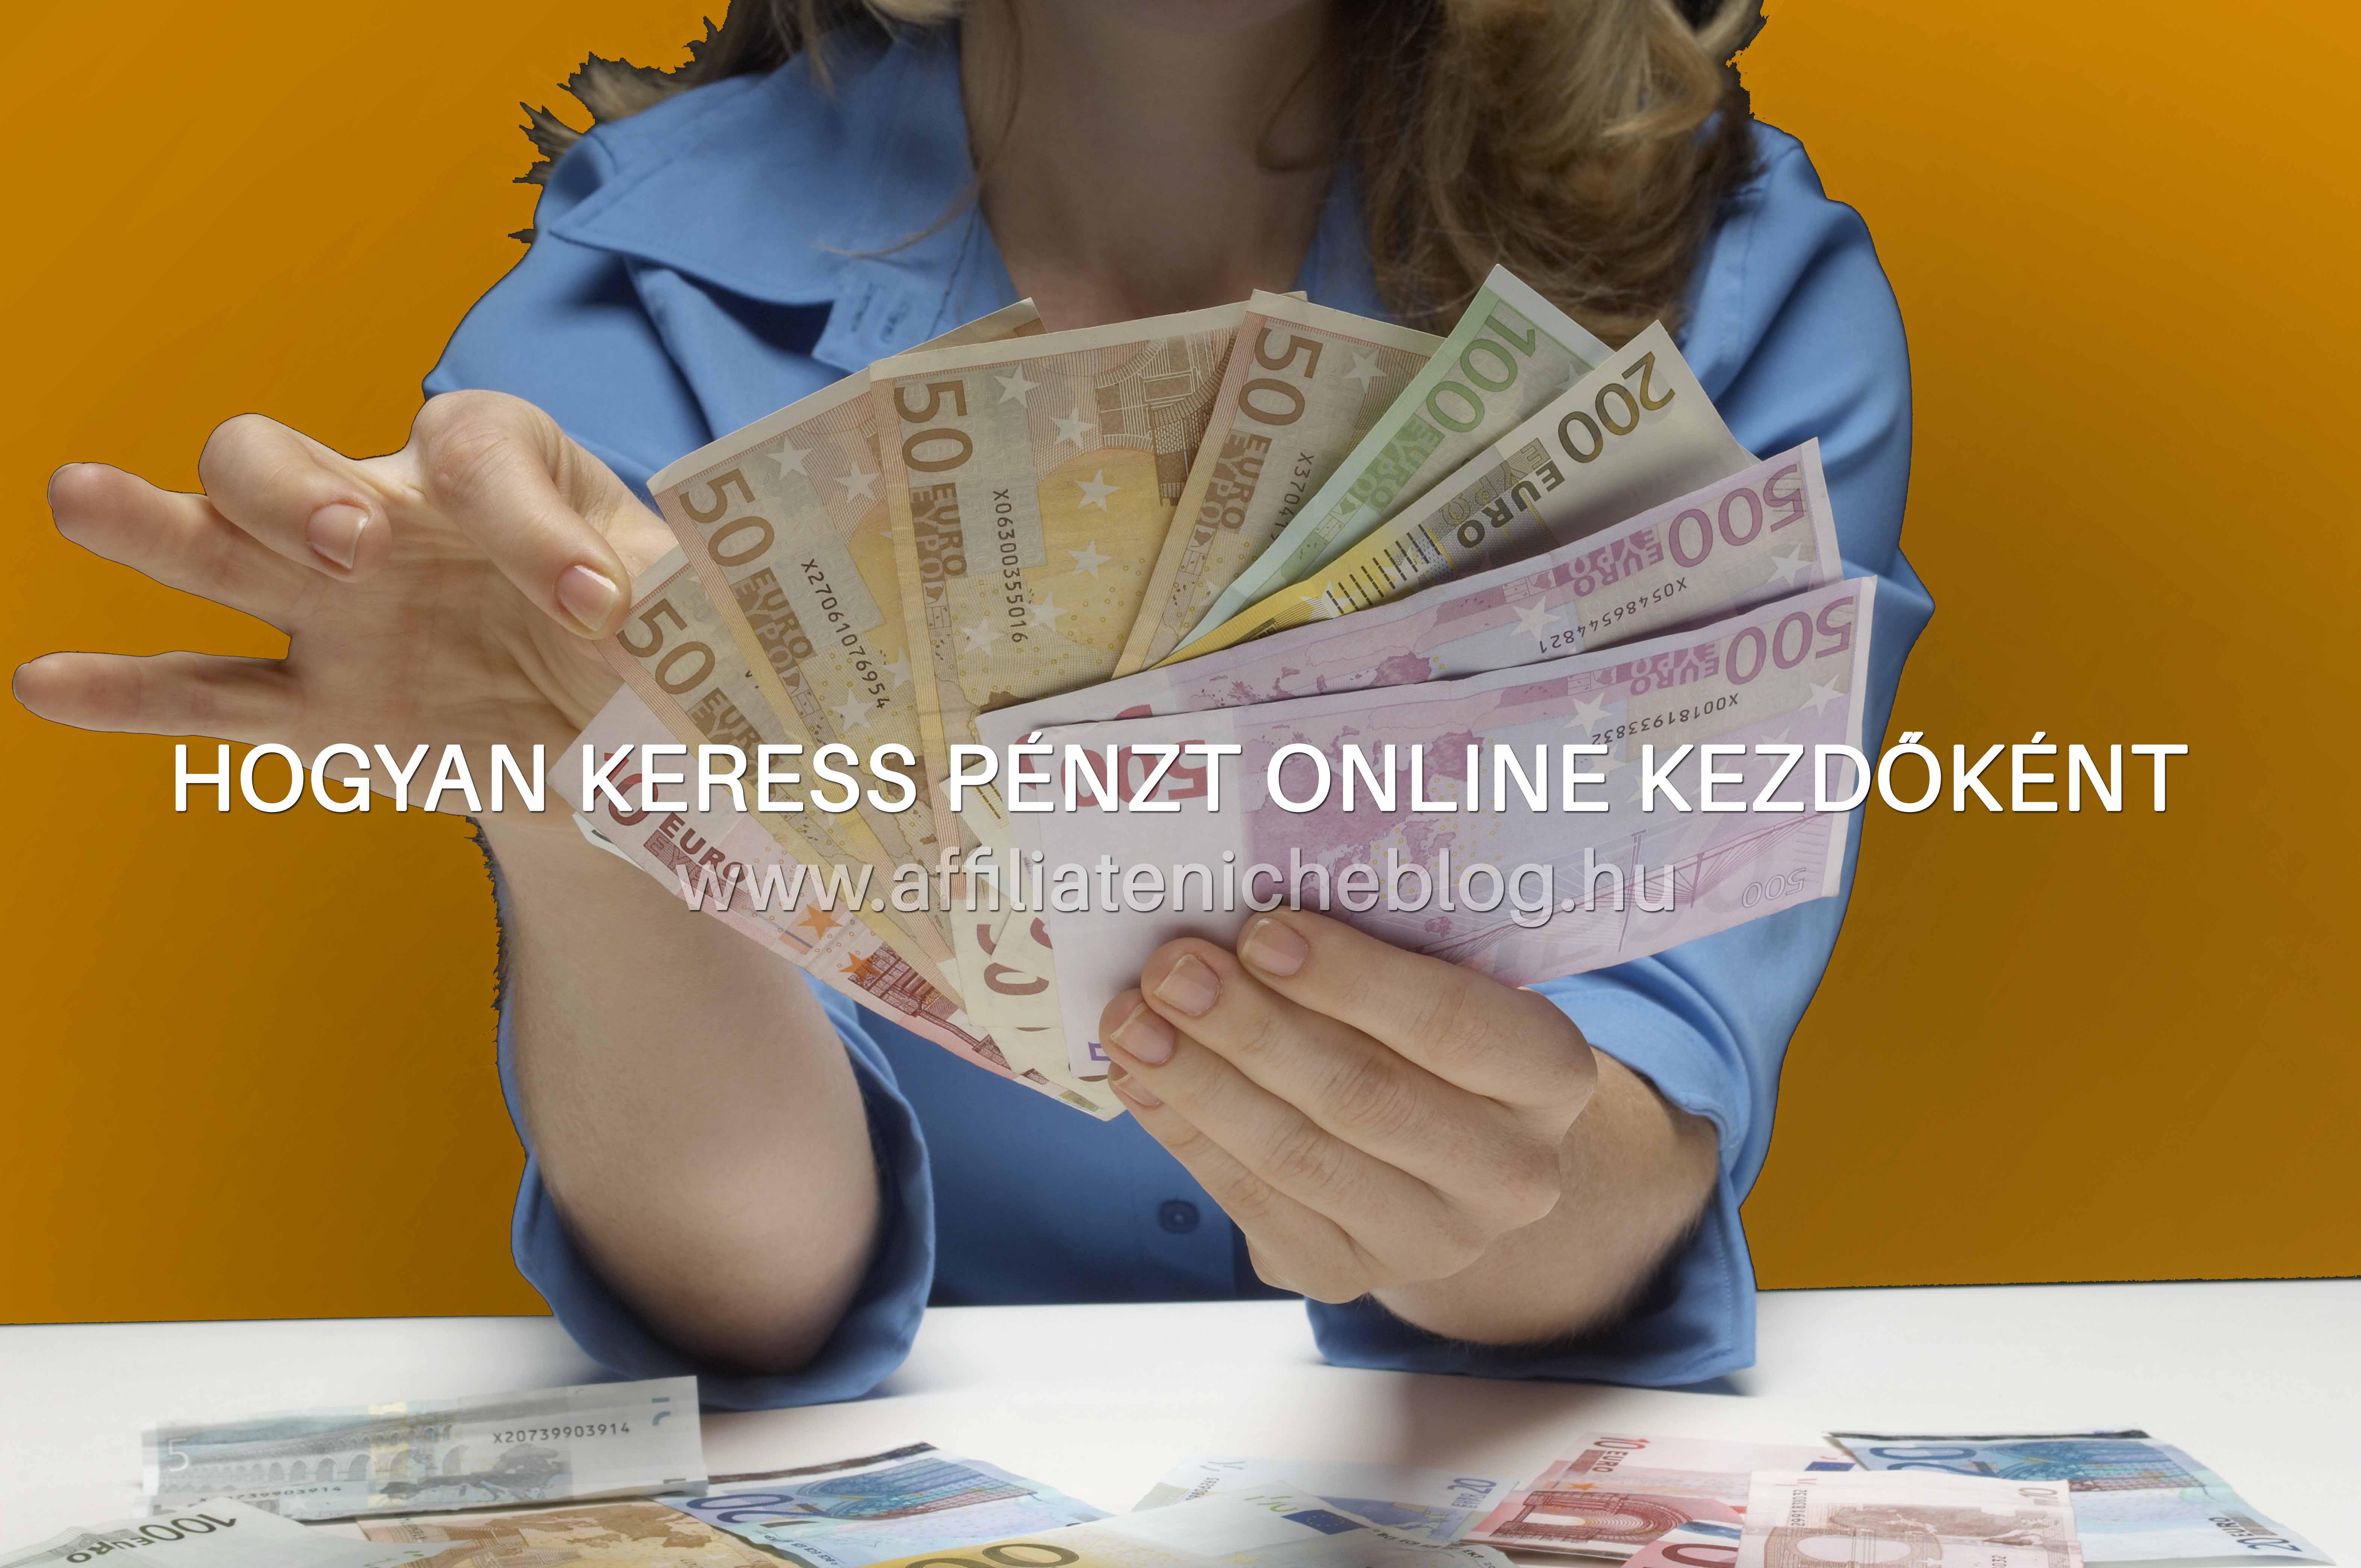 Internet hogyan lehet pénzt keresni az interneten)